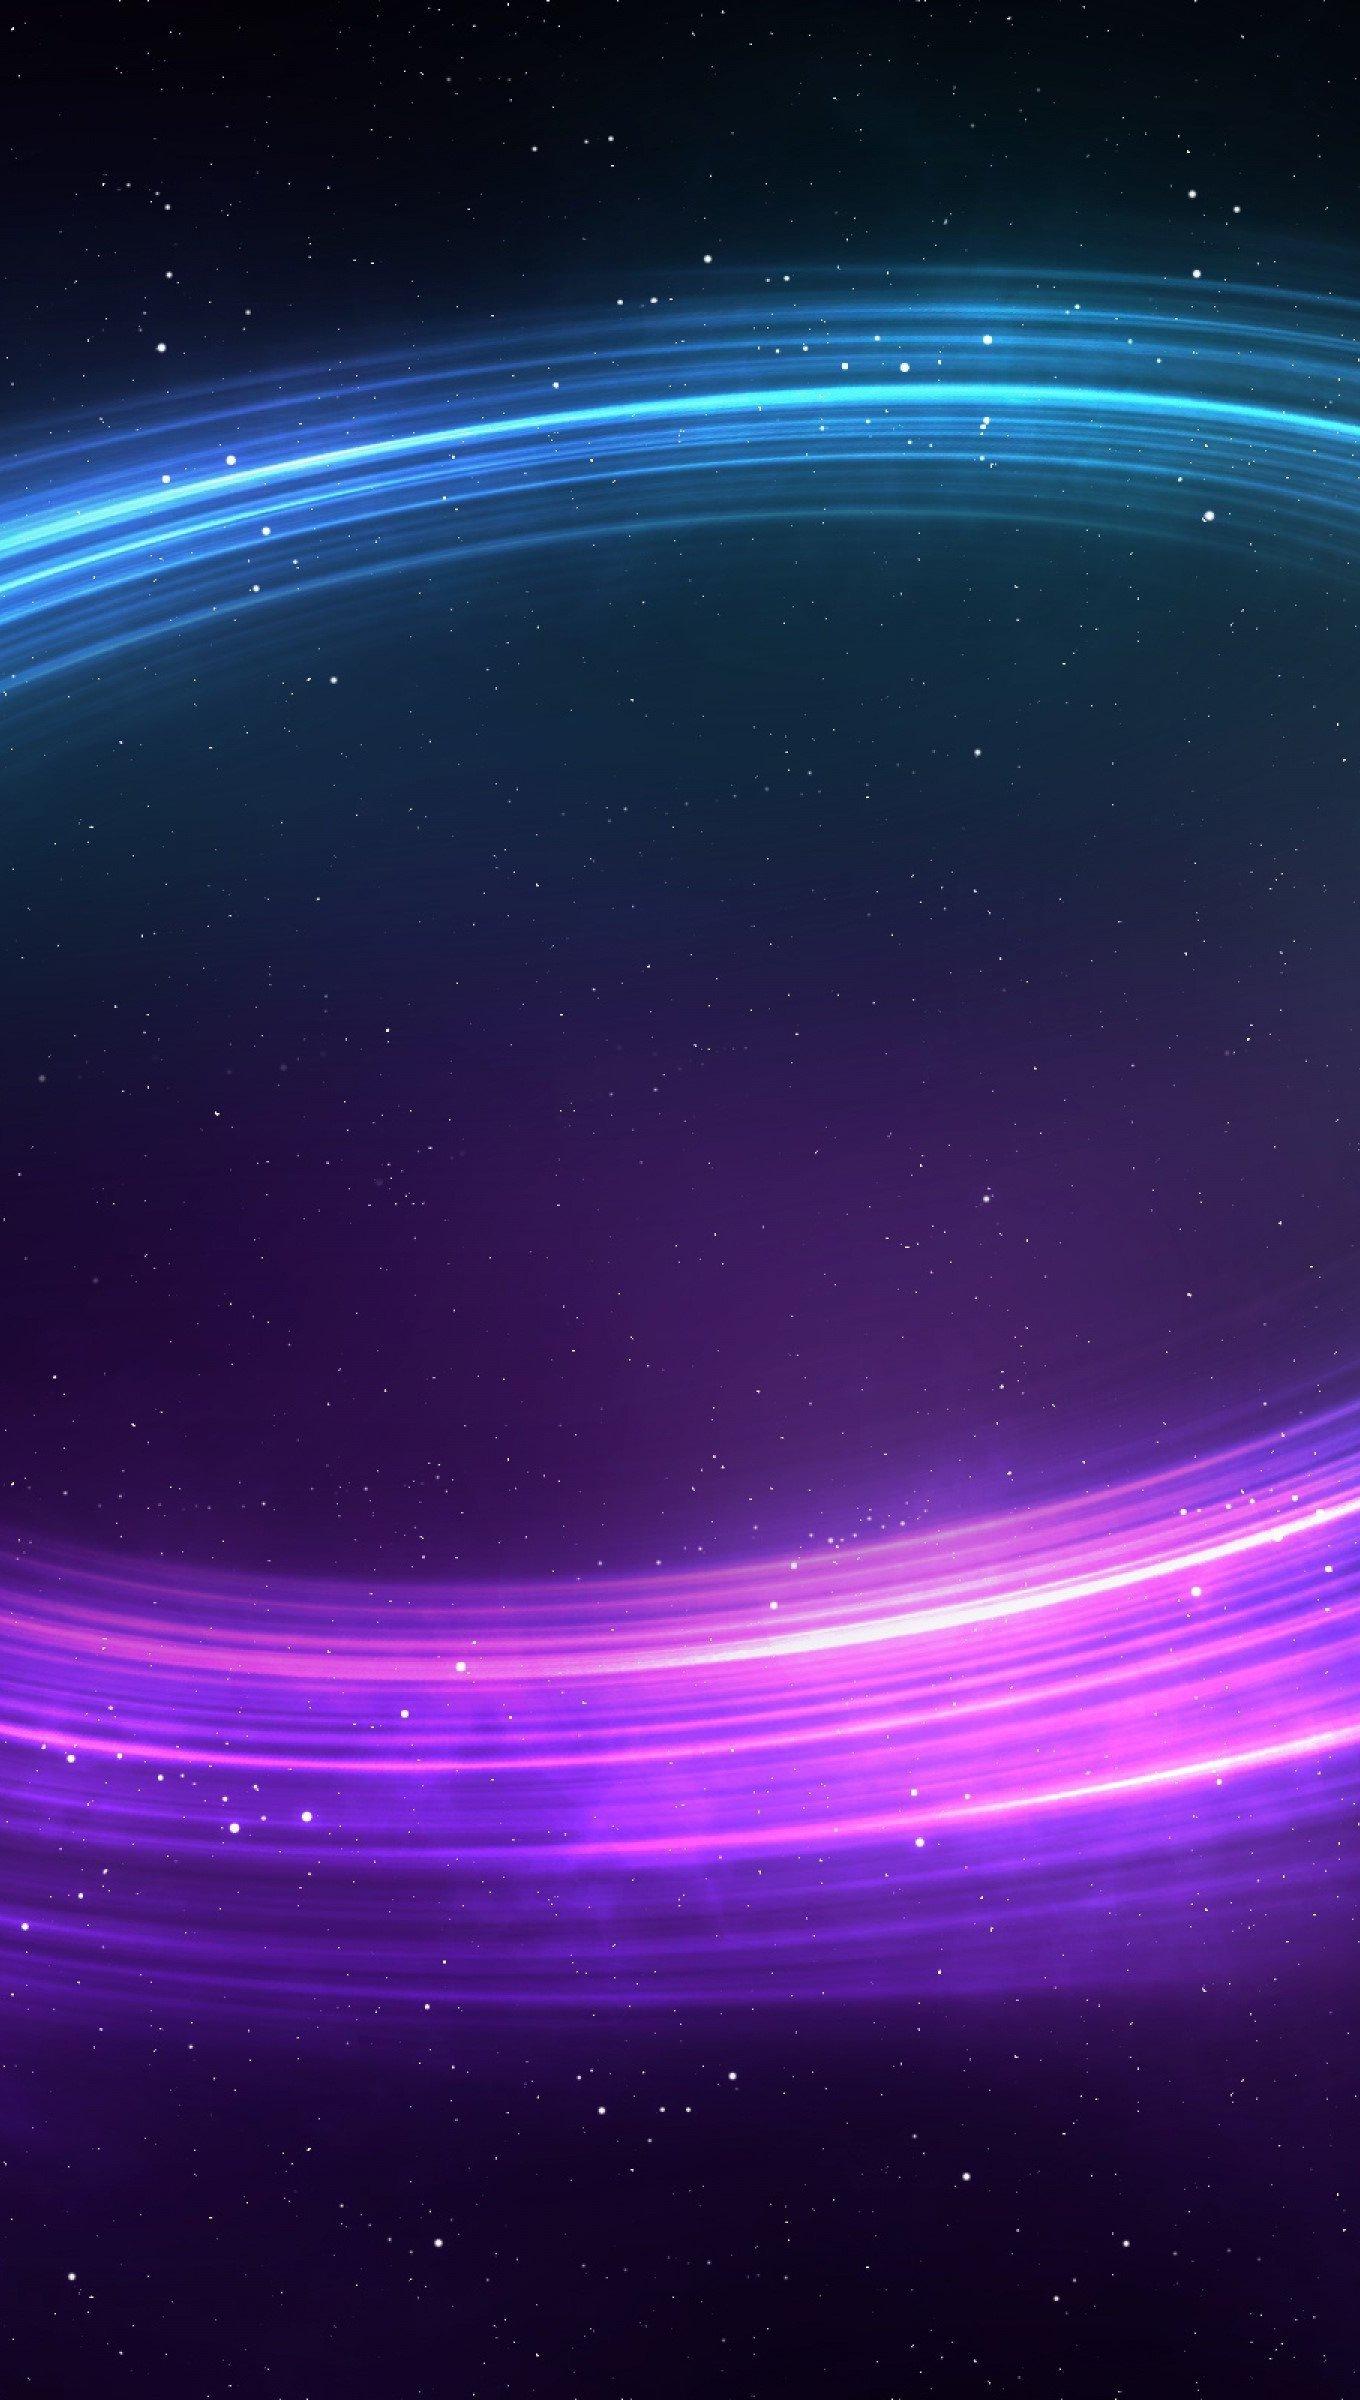 Fondos de pantalla Elipse de luces de colores Vertical